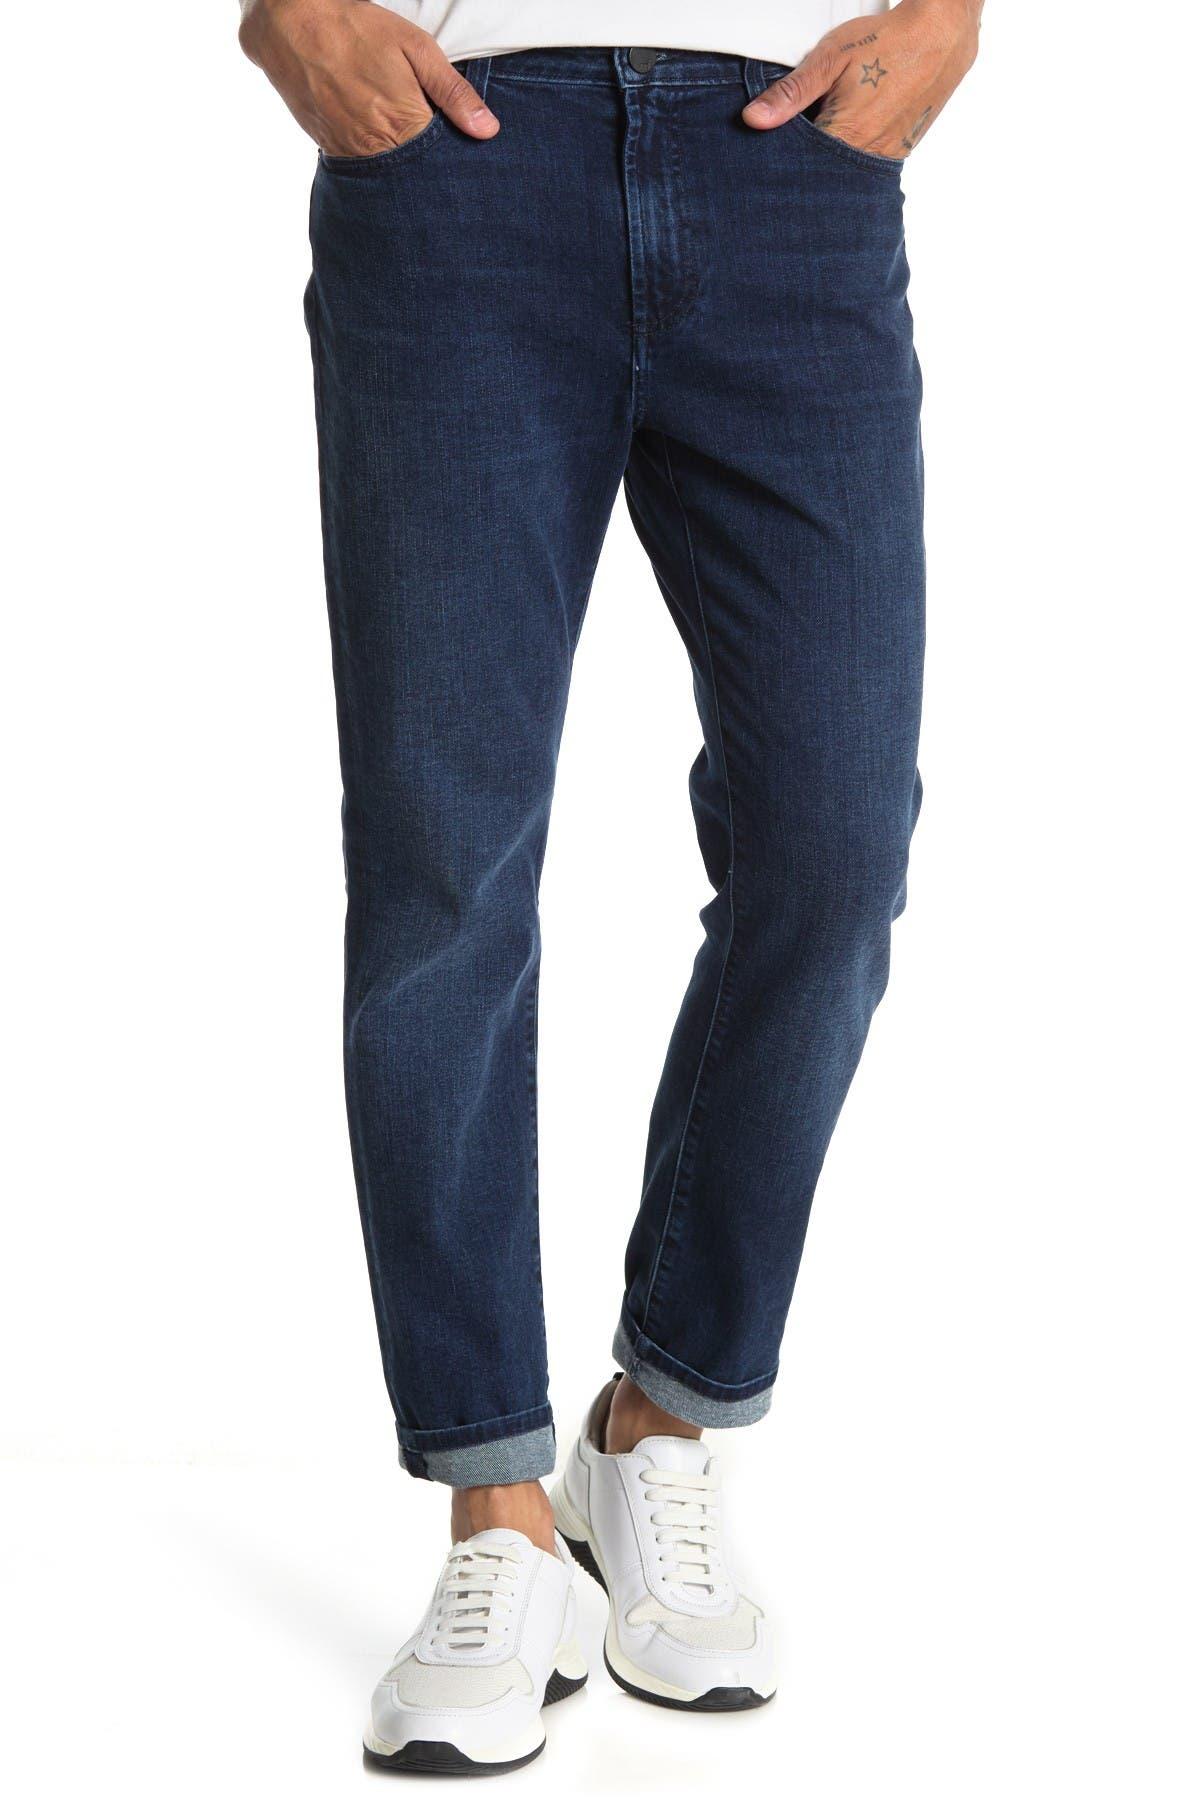 Image of MONFRERE Straight Leg Jeans